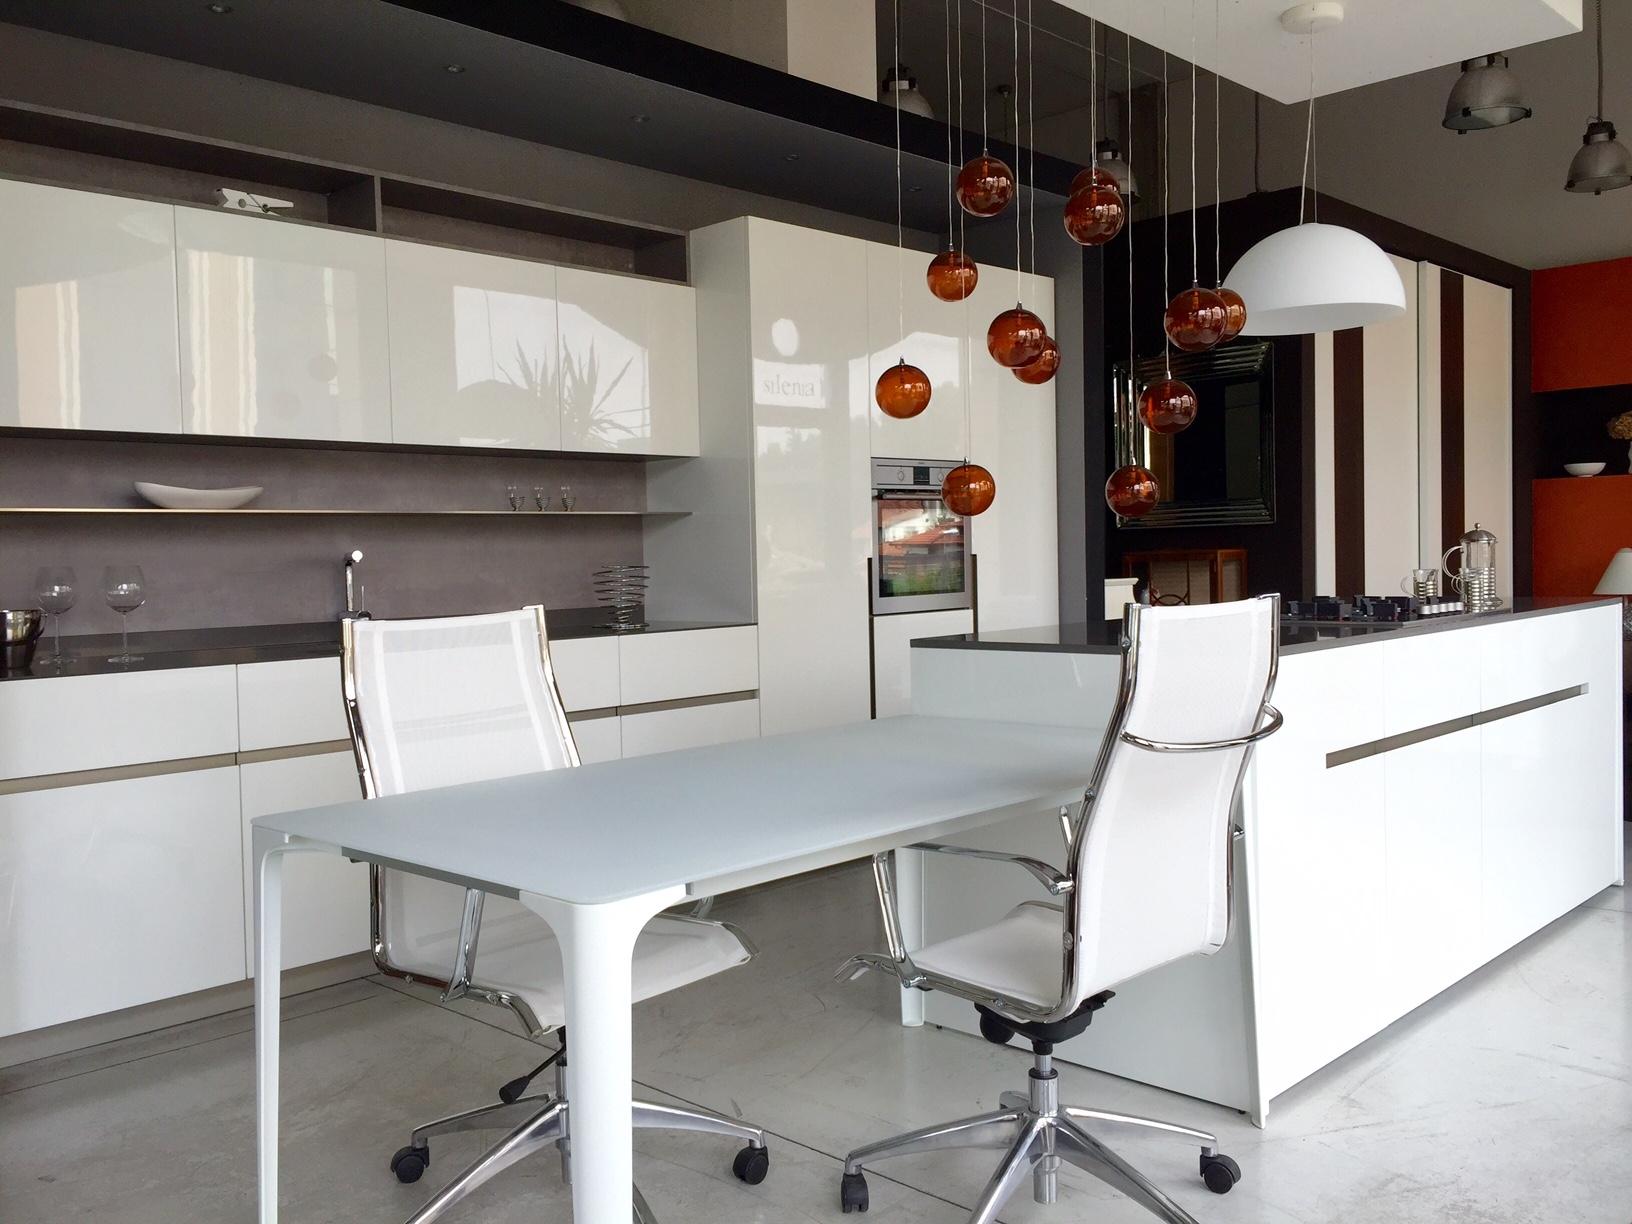 Best materiali piani cucina contemporary - Piani cucina materiali ...